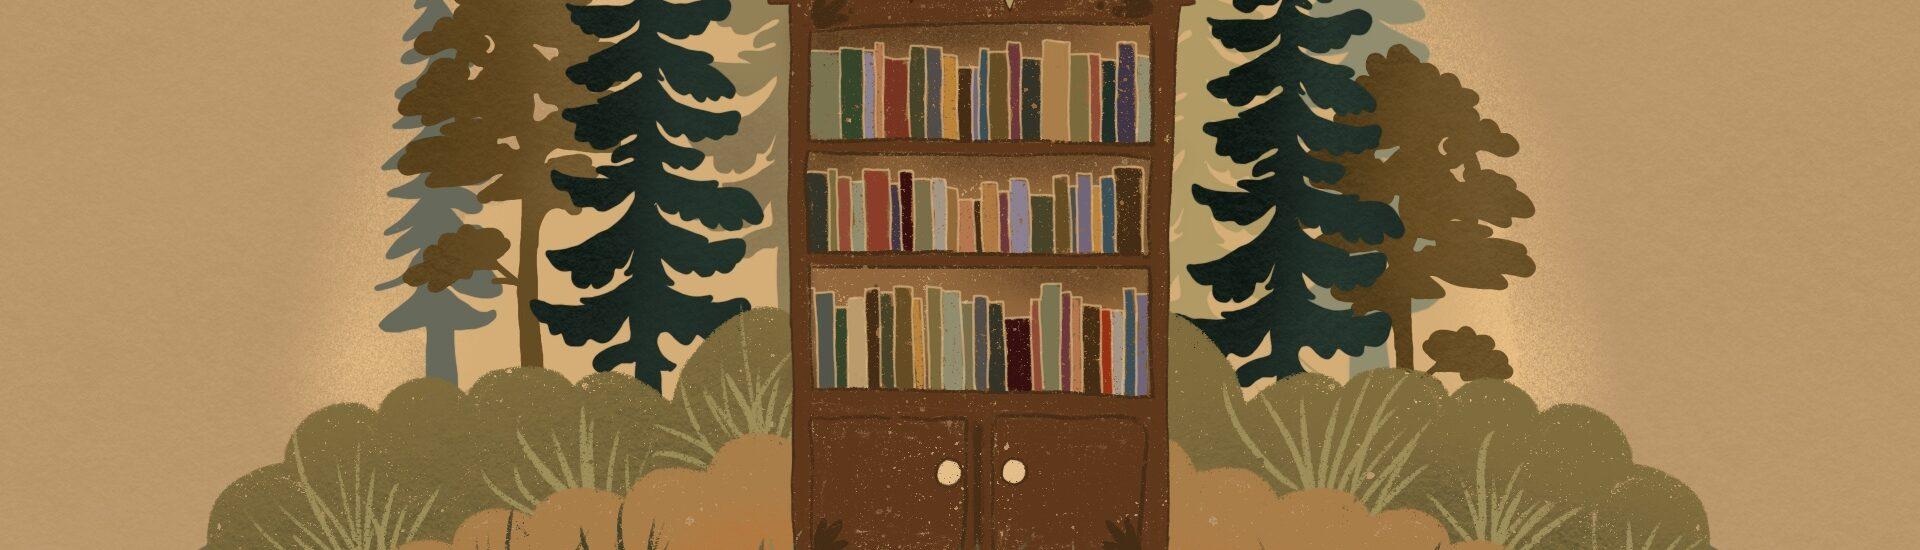 Pınar Öcel illüstrasyon çocuk kitabı